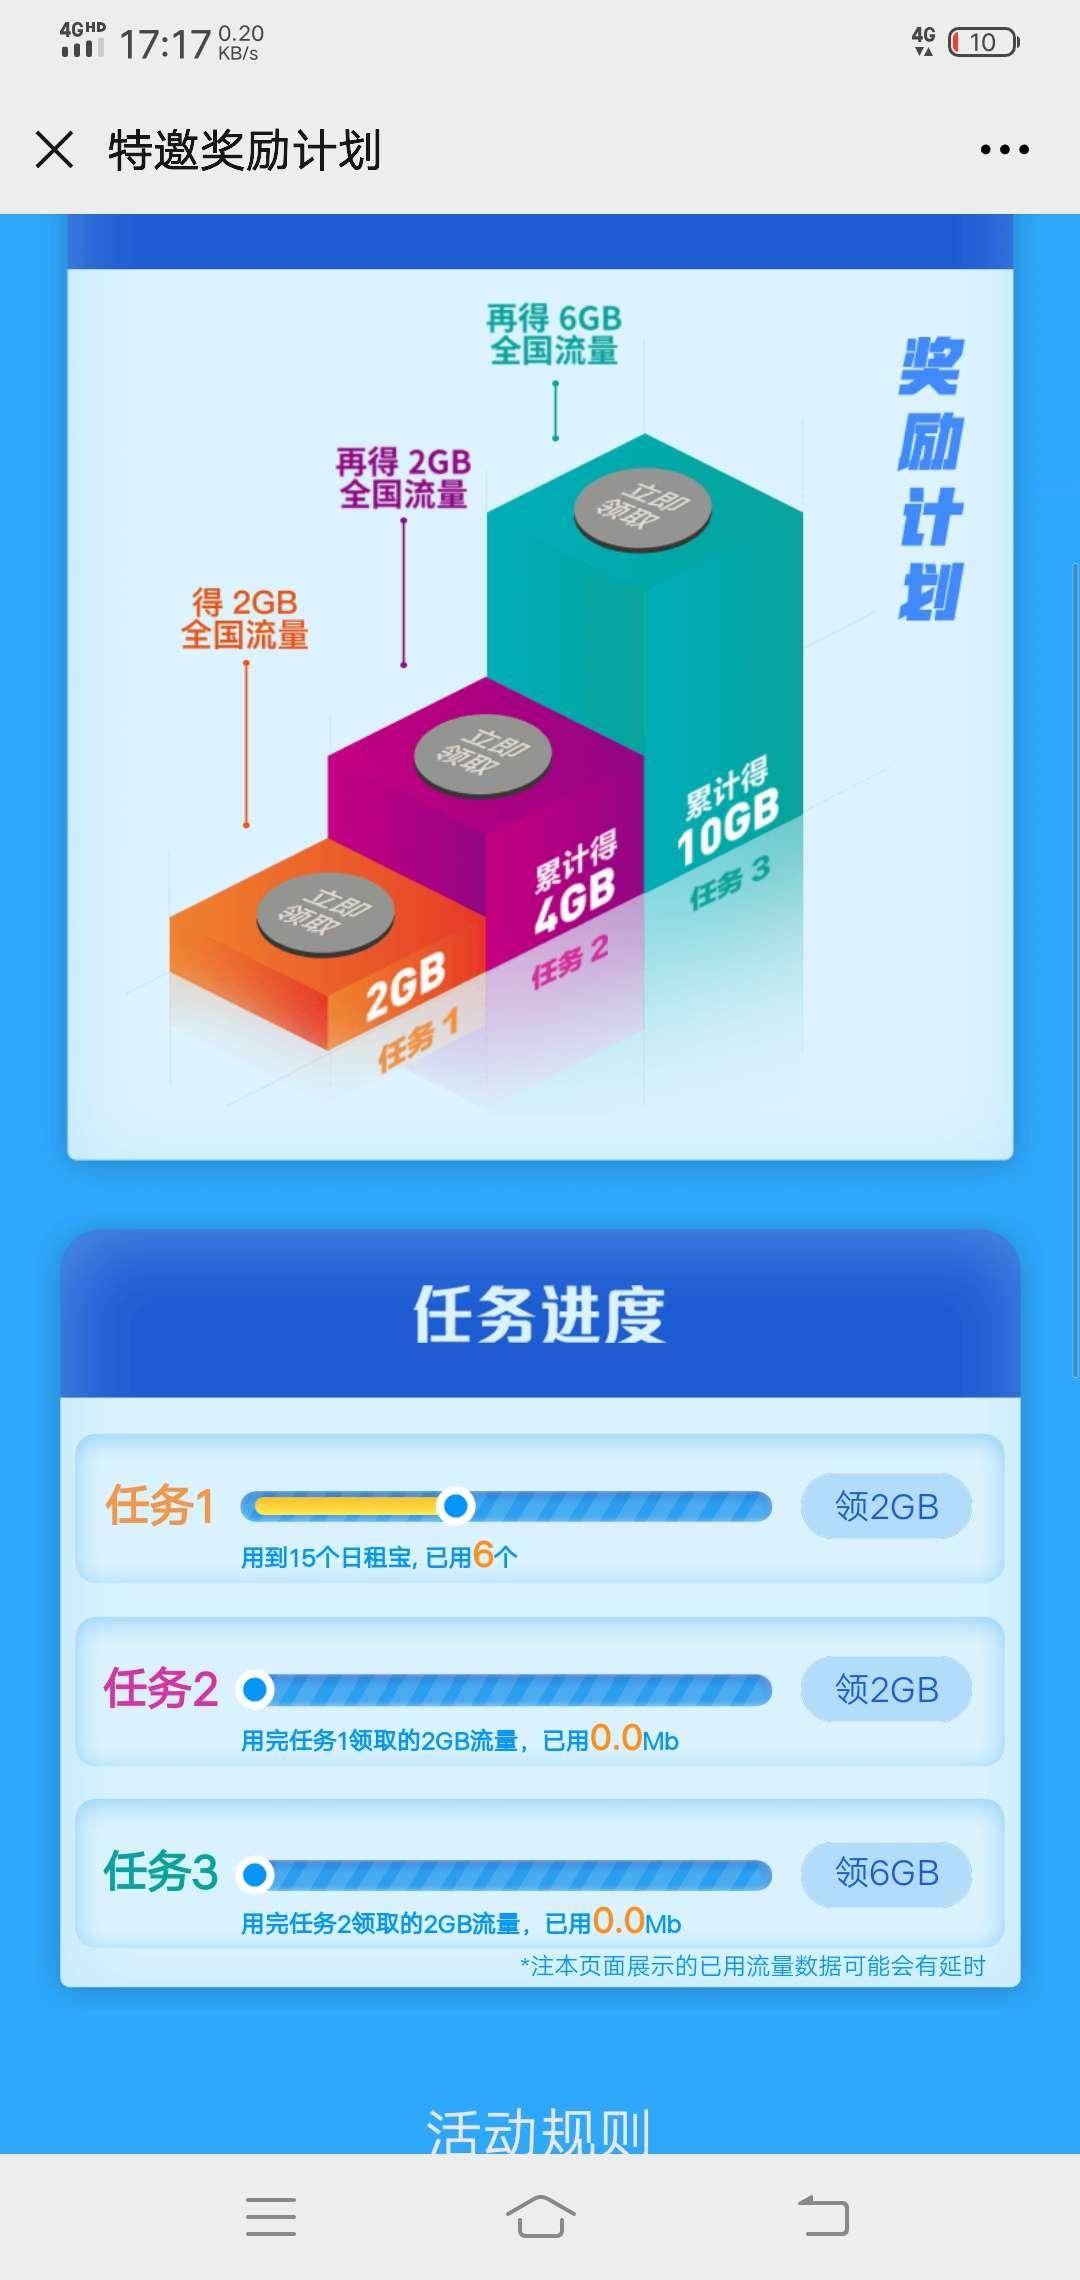 腾讯王卡特邀奖励计划得流量